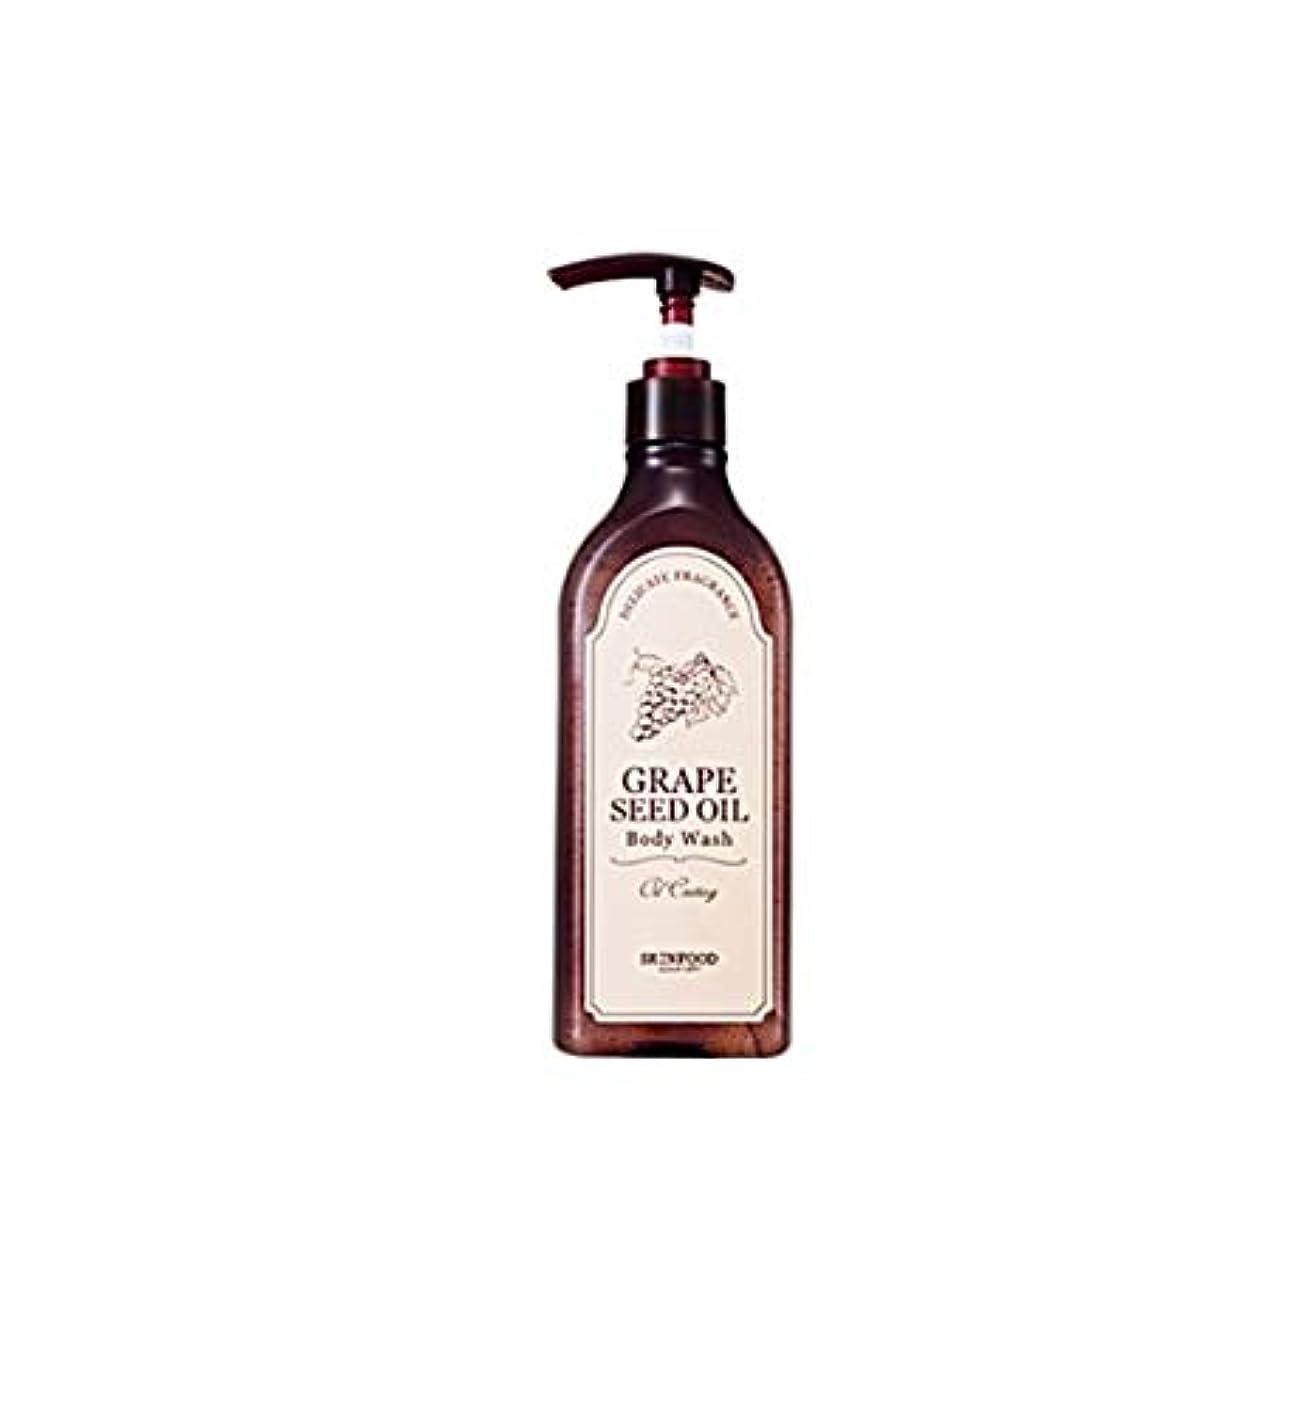 キャプテン獣アンケートSkinfood グレープシードオイルボディウォッシュ/Grape Seed Oil Body Wash 335ml [並行輸入品]